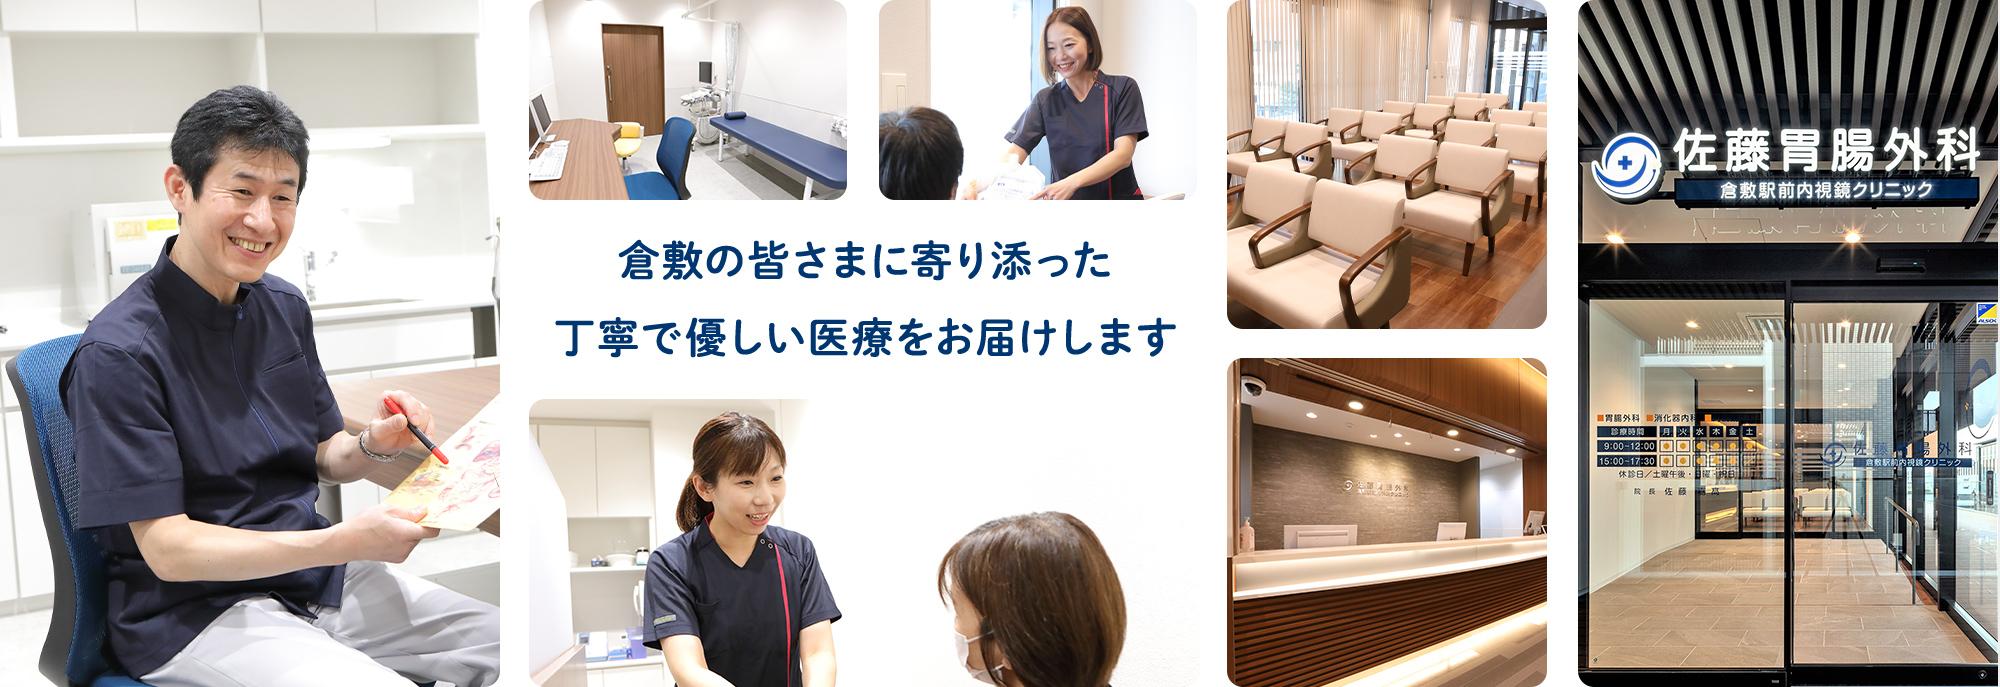 「胃腸」のお悩みでしたらお任せください。丁寧な診察、質の高い治療で地域の皆様の健康をお守りします。